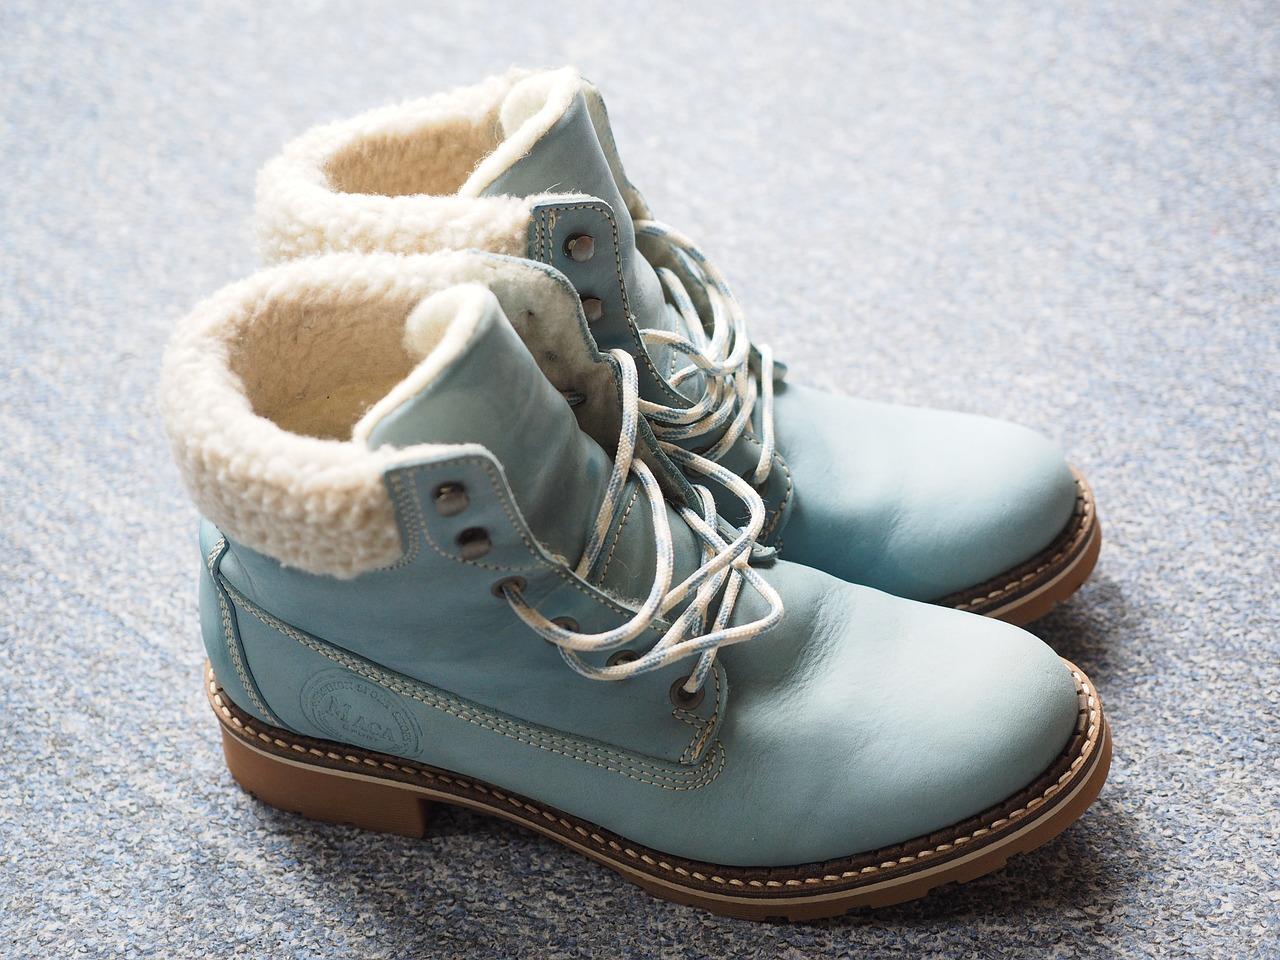 Quel look pour ses chaussures en hiver ?